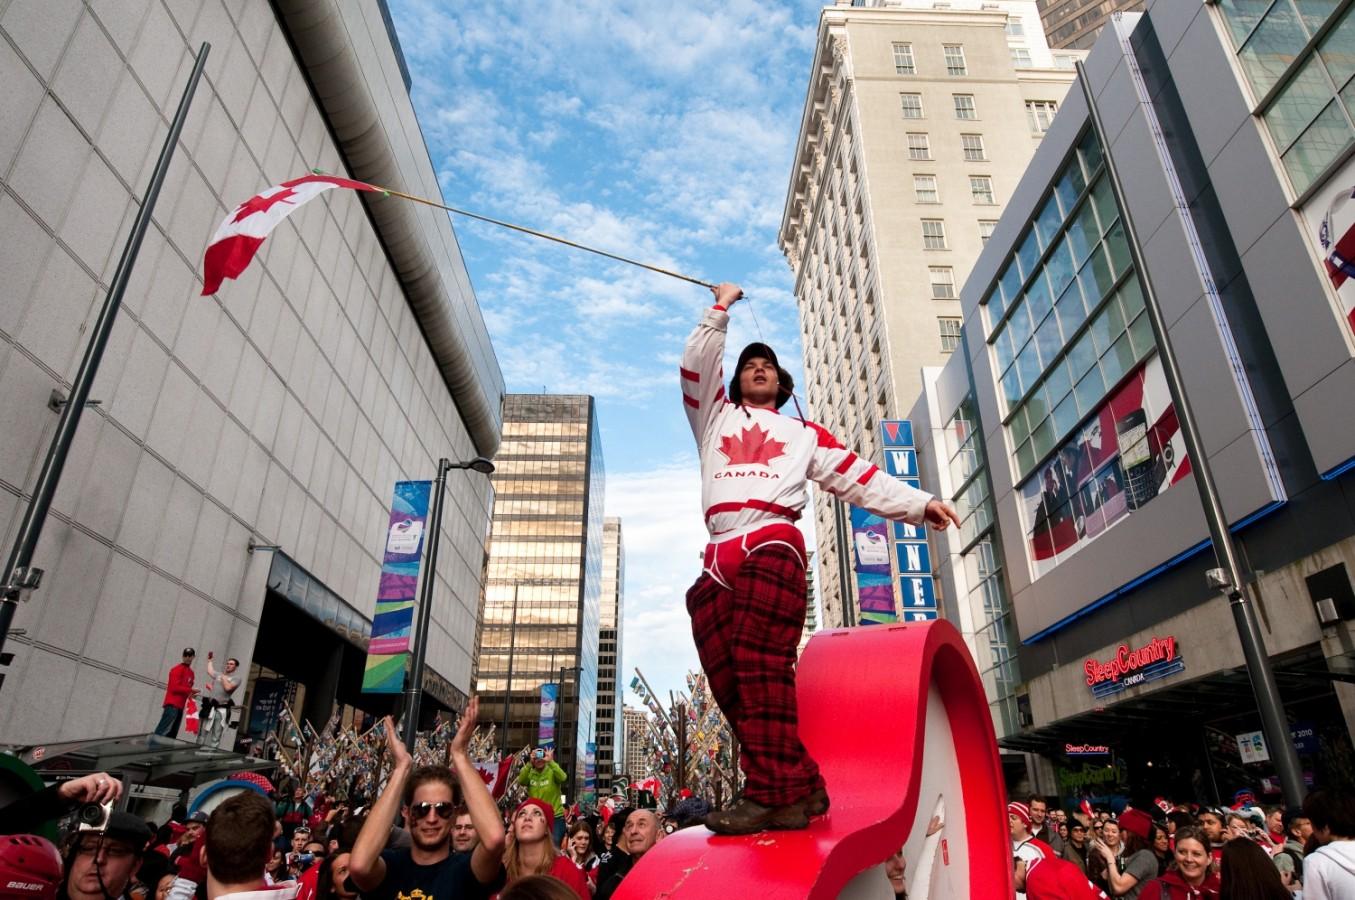 Semmi közöm hozzá – Tolerancia és elfogadás Kanadában